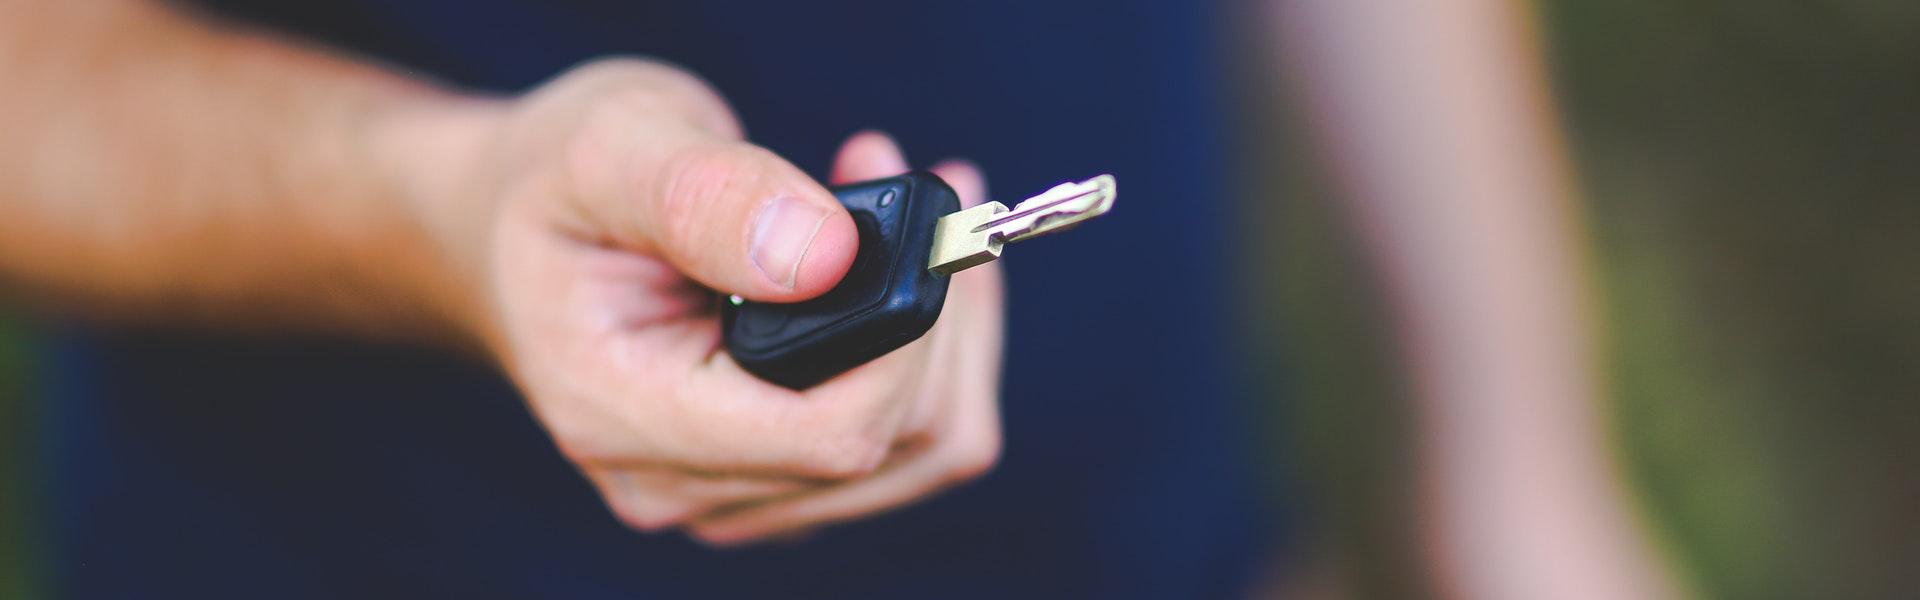 Foto di sfondo per revisione auto